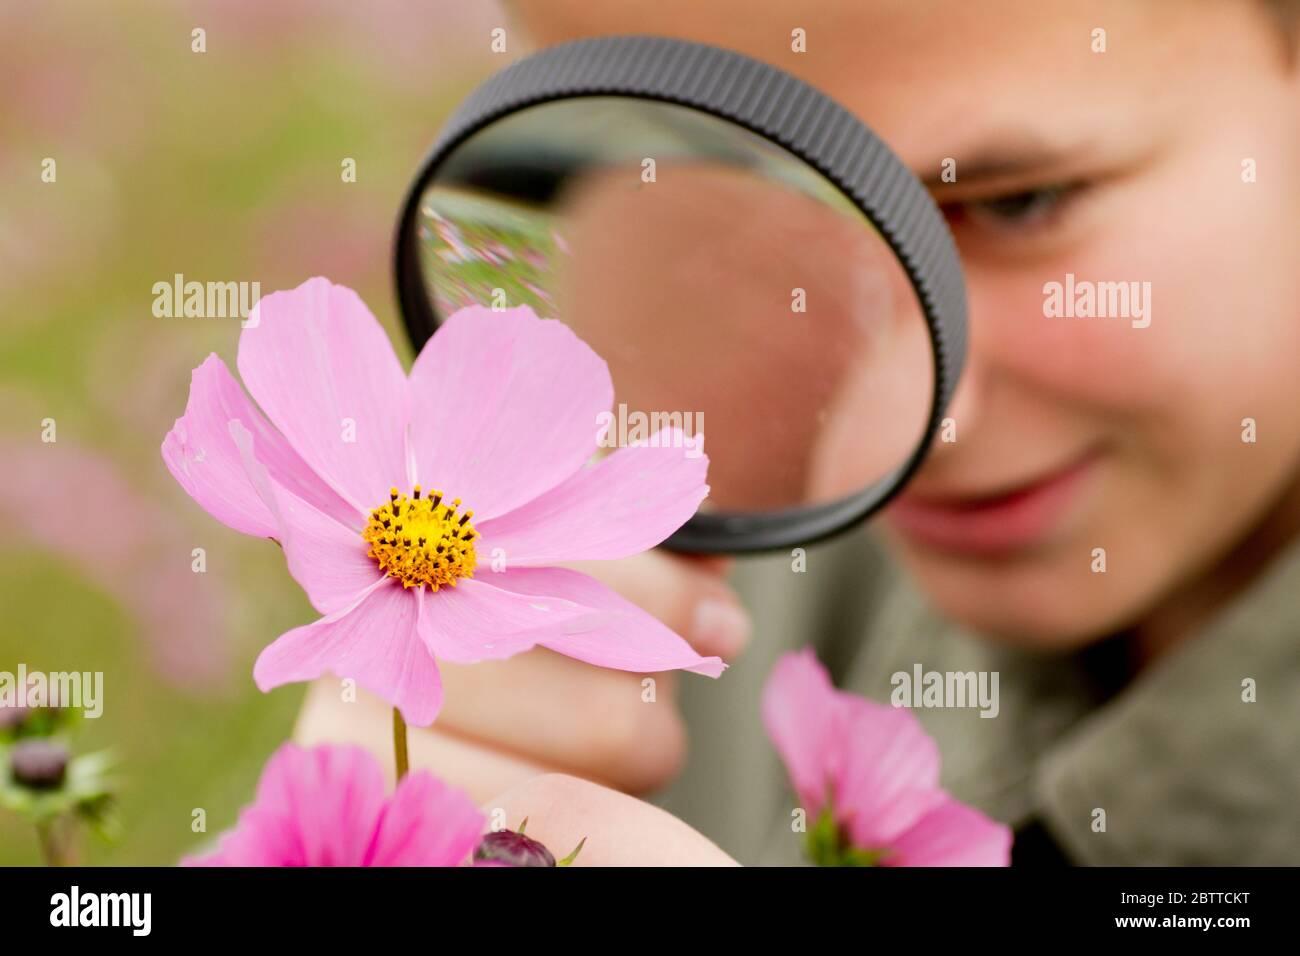 Junge betrachtet Blume durch eine Lupe, MR: Oui Banque D'Images